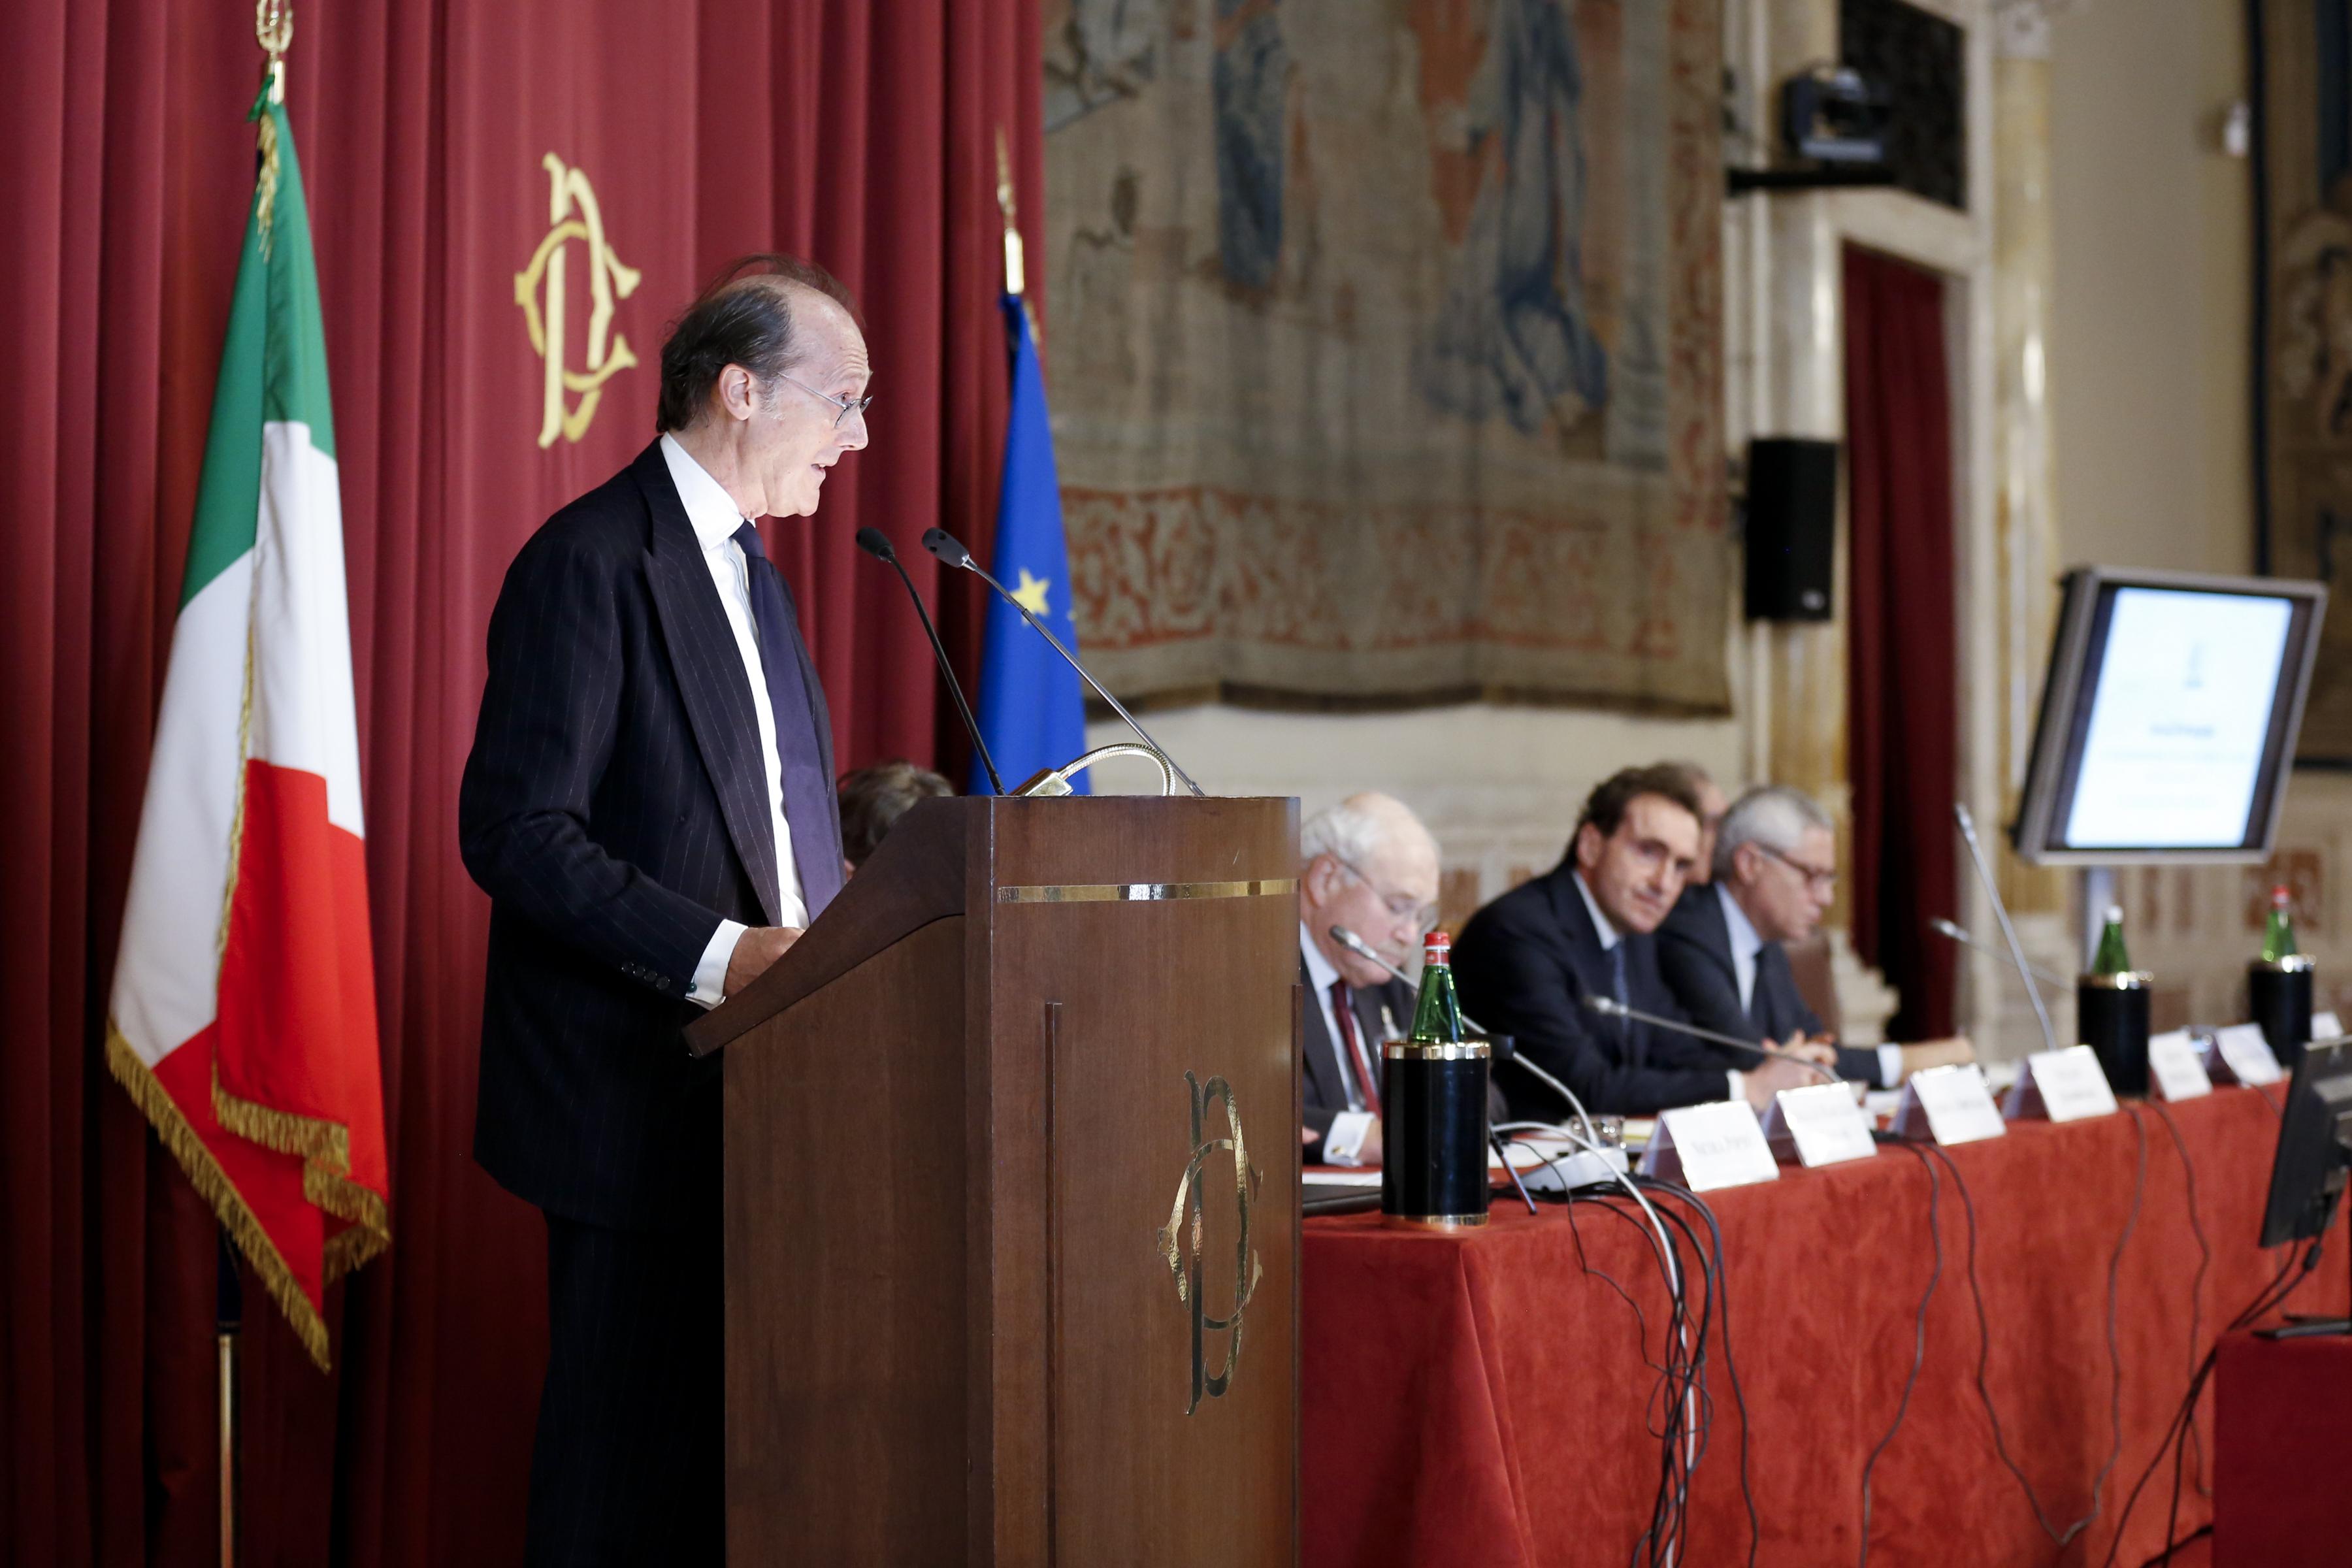 Andrea Imperiali speech  - Tv. 30 anni di Auditel: le nuove sfide, il cambiamento della società italiana e la sua interazione con i media